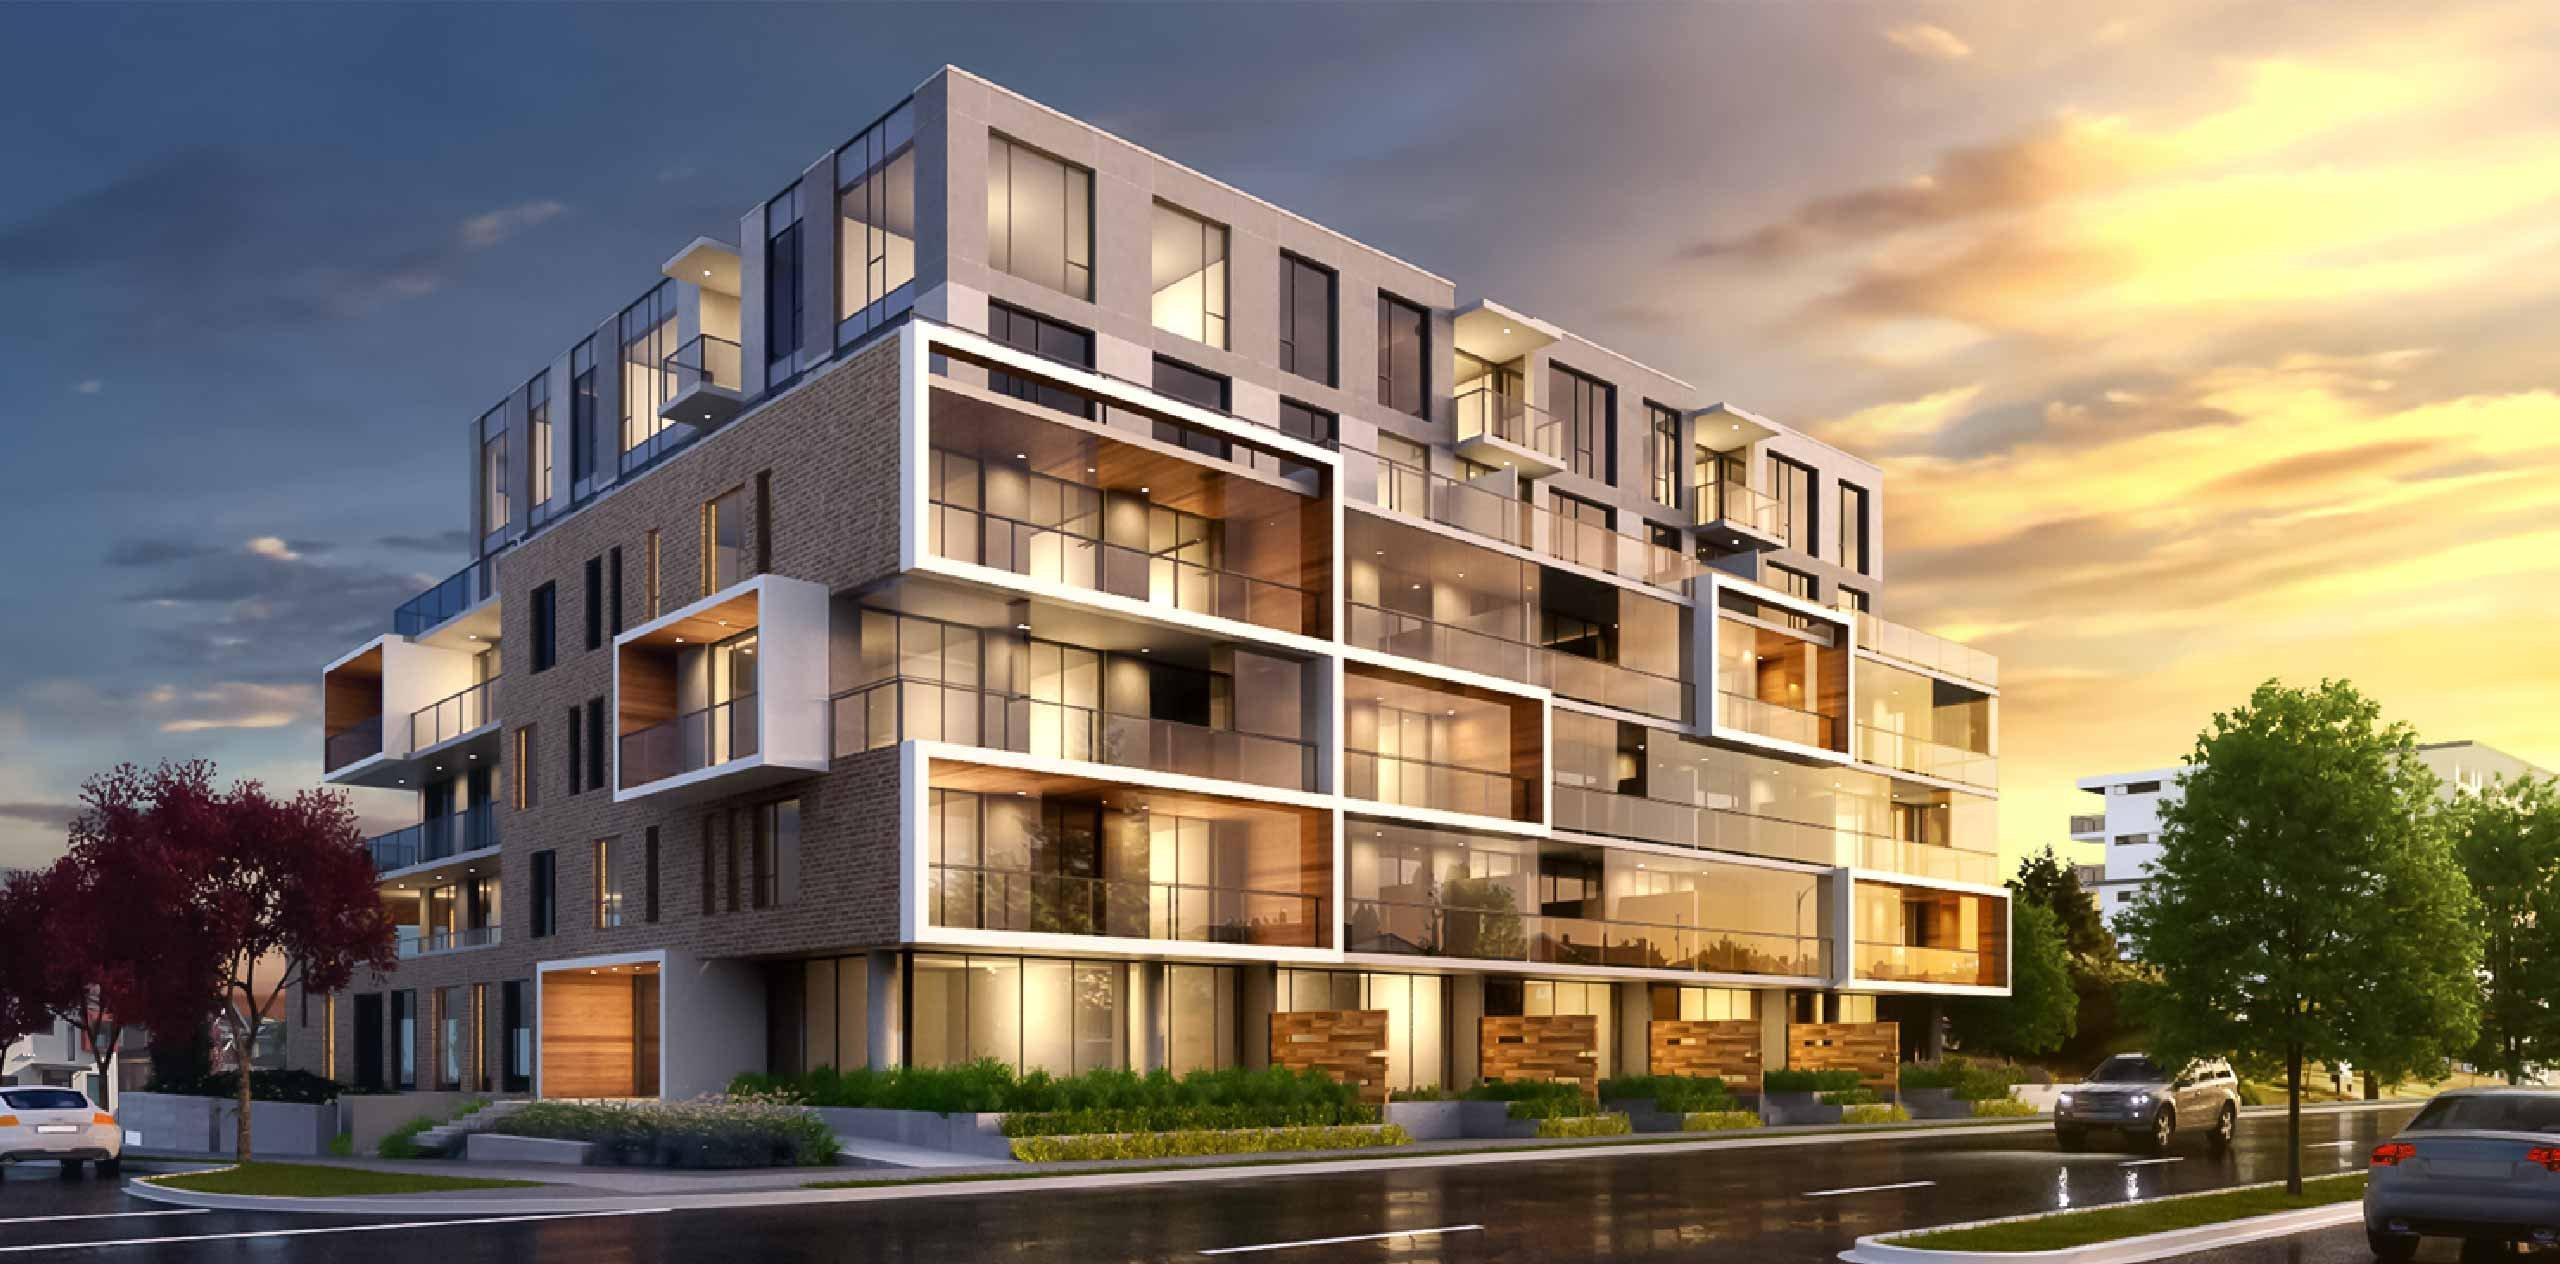 Coco Oakridge - 5733 Alberta St - Rendering by Keltic Canada Development!